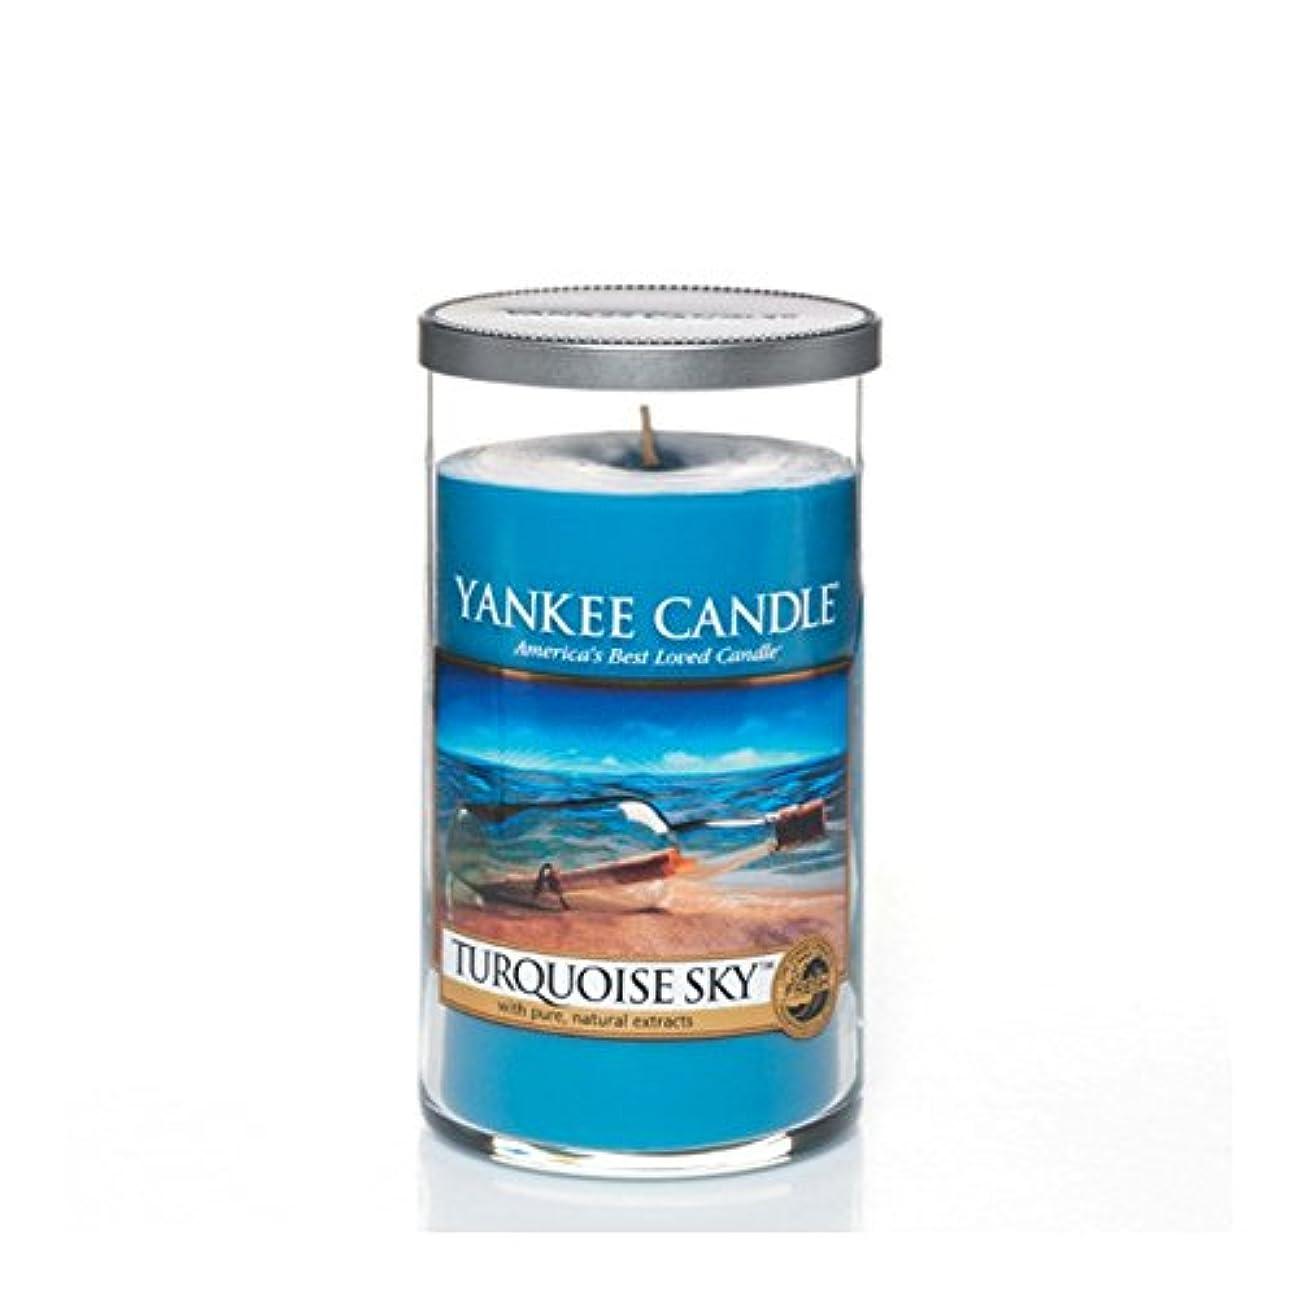 計算する隔離する怒っているYankee Candles Medium Pillar Candle - Turquoise Sky (Pack of 2) - ヤンキーキャンドルメディアピラーキャンドル - ターコイズの空 (x2) [並行輸入品]